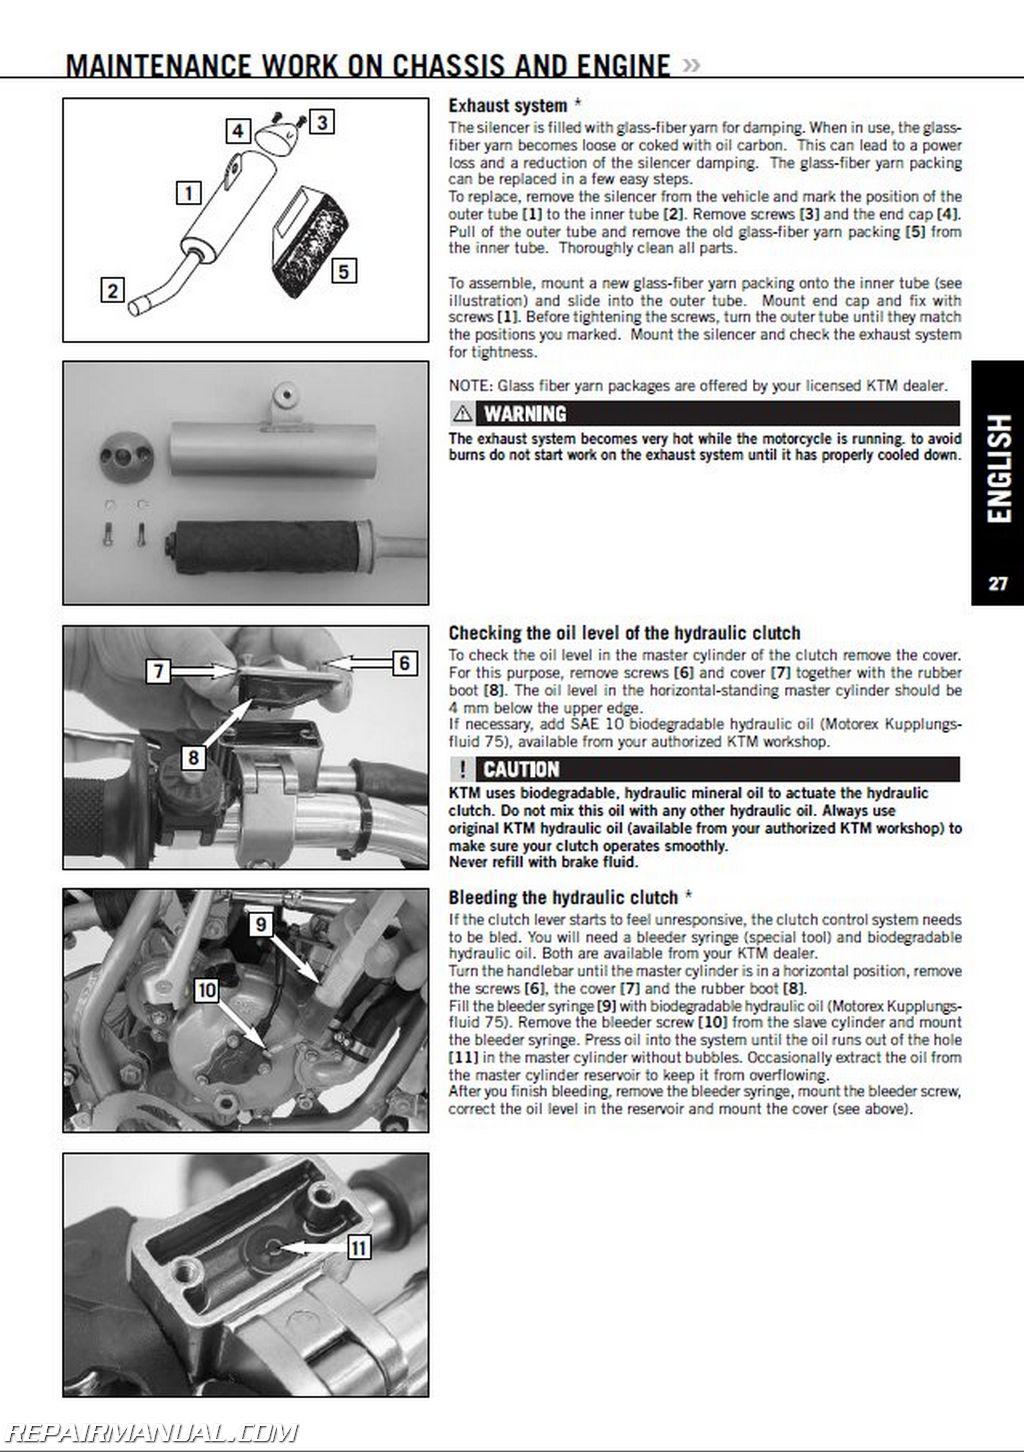 Ktm 65 Sx Wiring Diagram Automotive Schematic Library Rh 37 Muehlwald De 2018